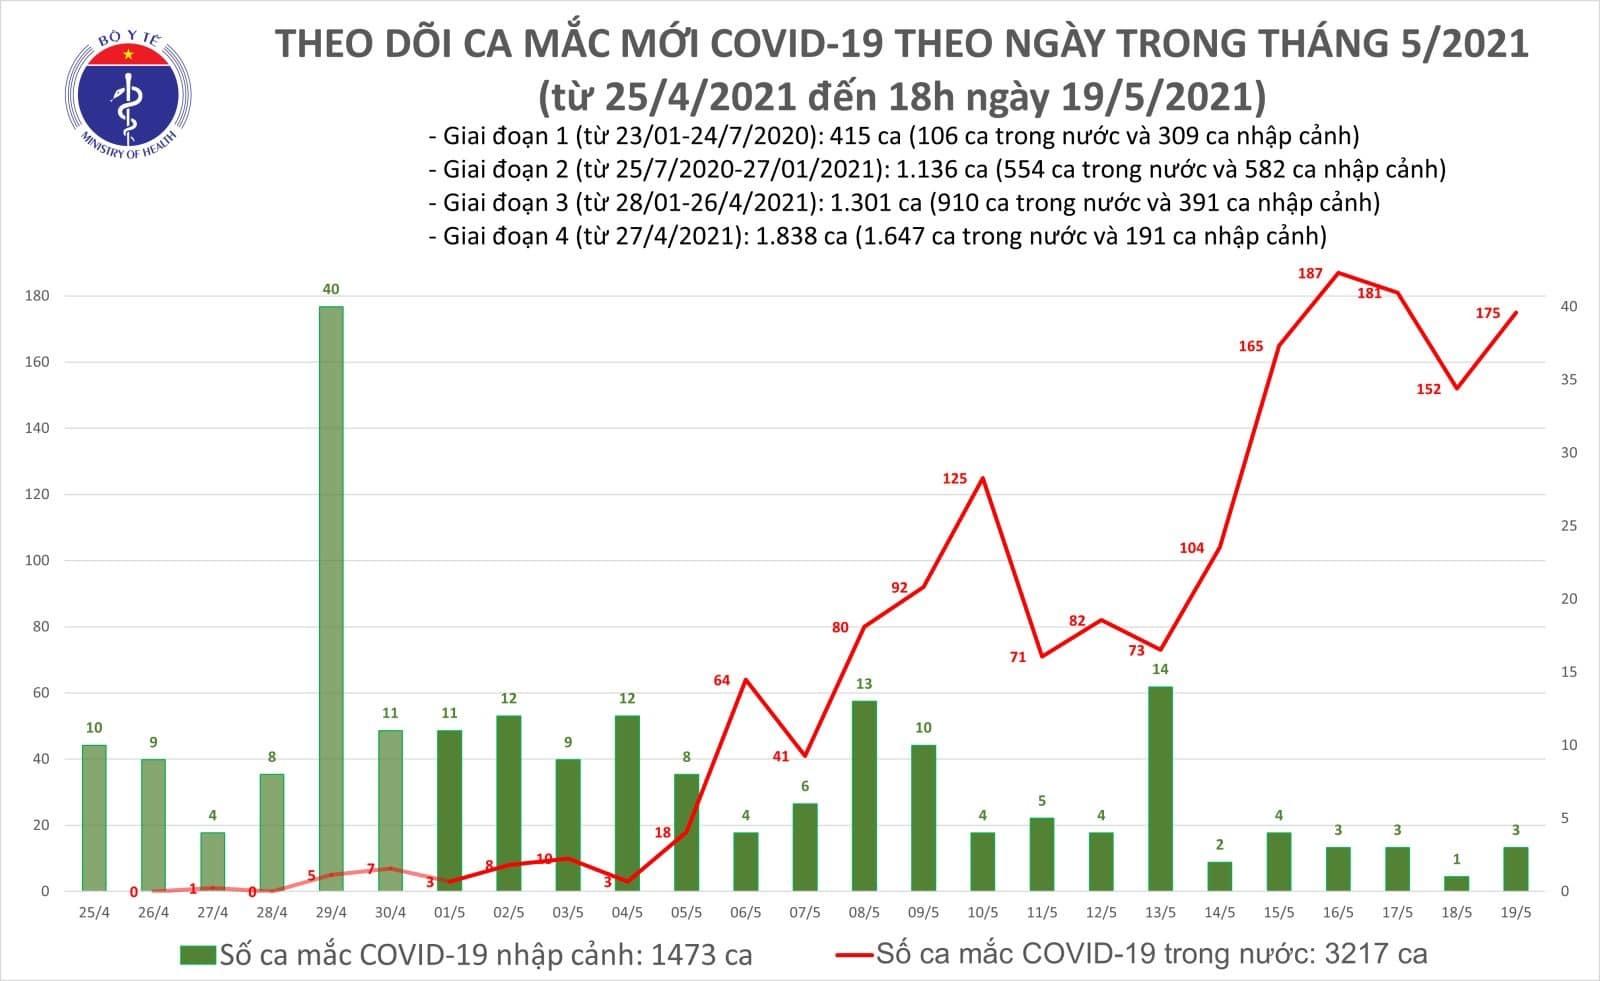 Chiều 19/5 có 109 ca Covid-19 trong nước, Bắc Giang tiếp tục tăng mạnh